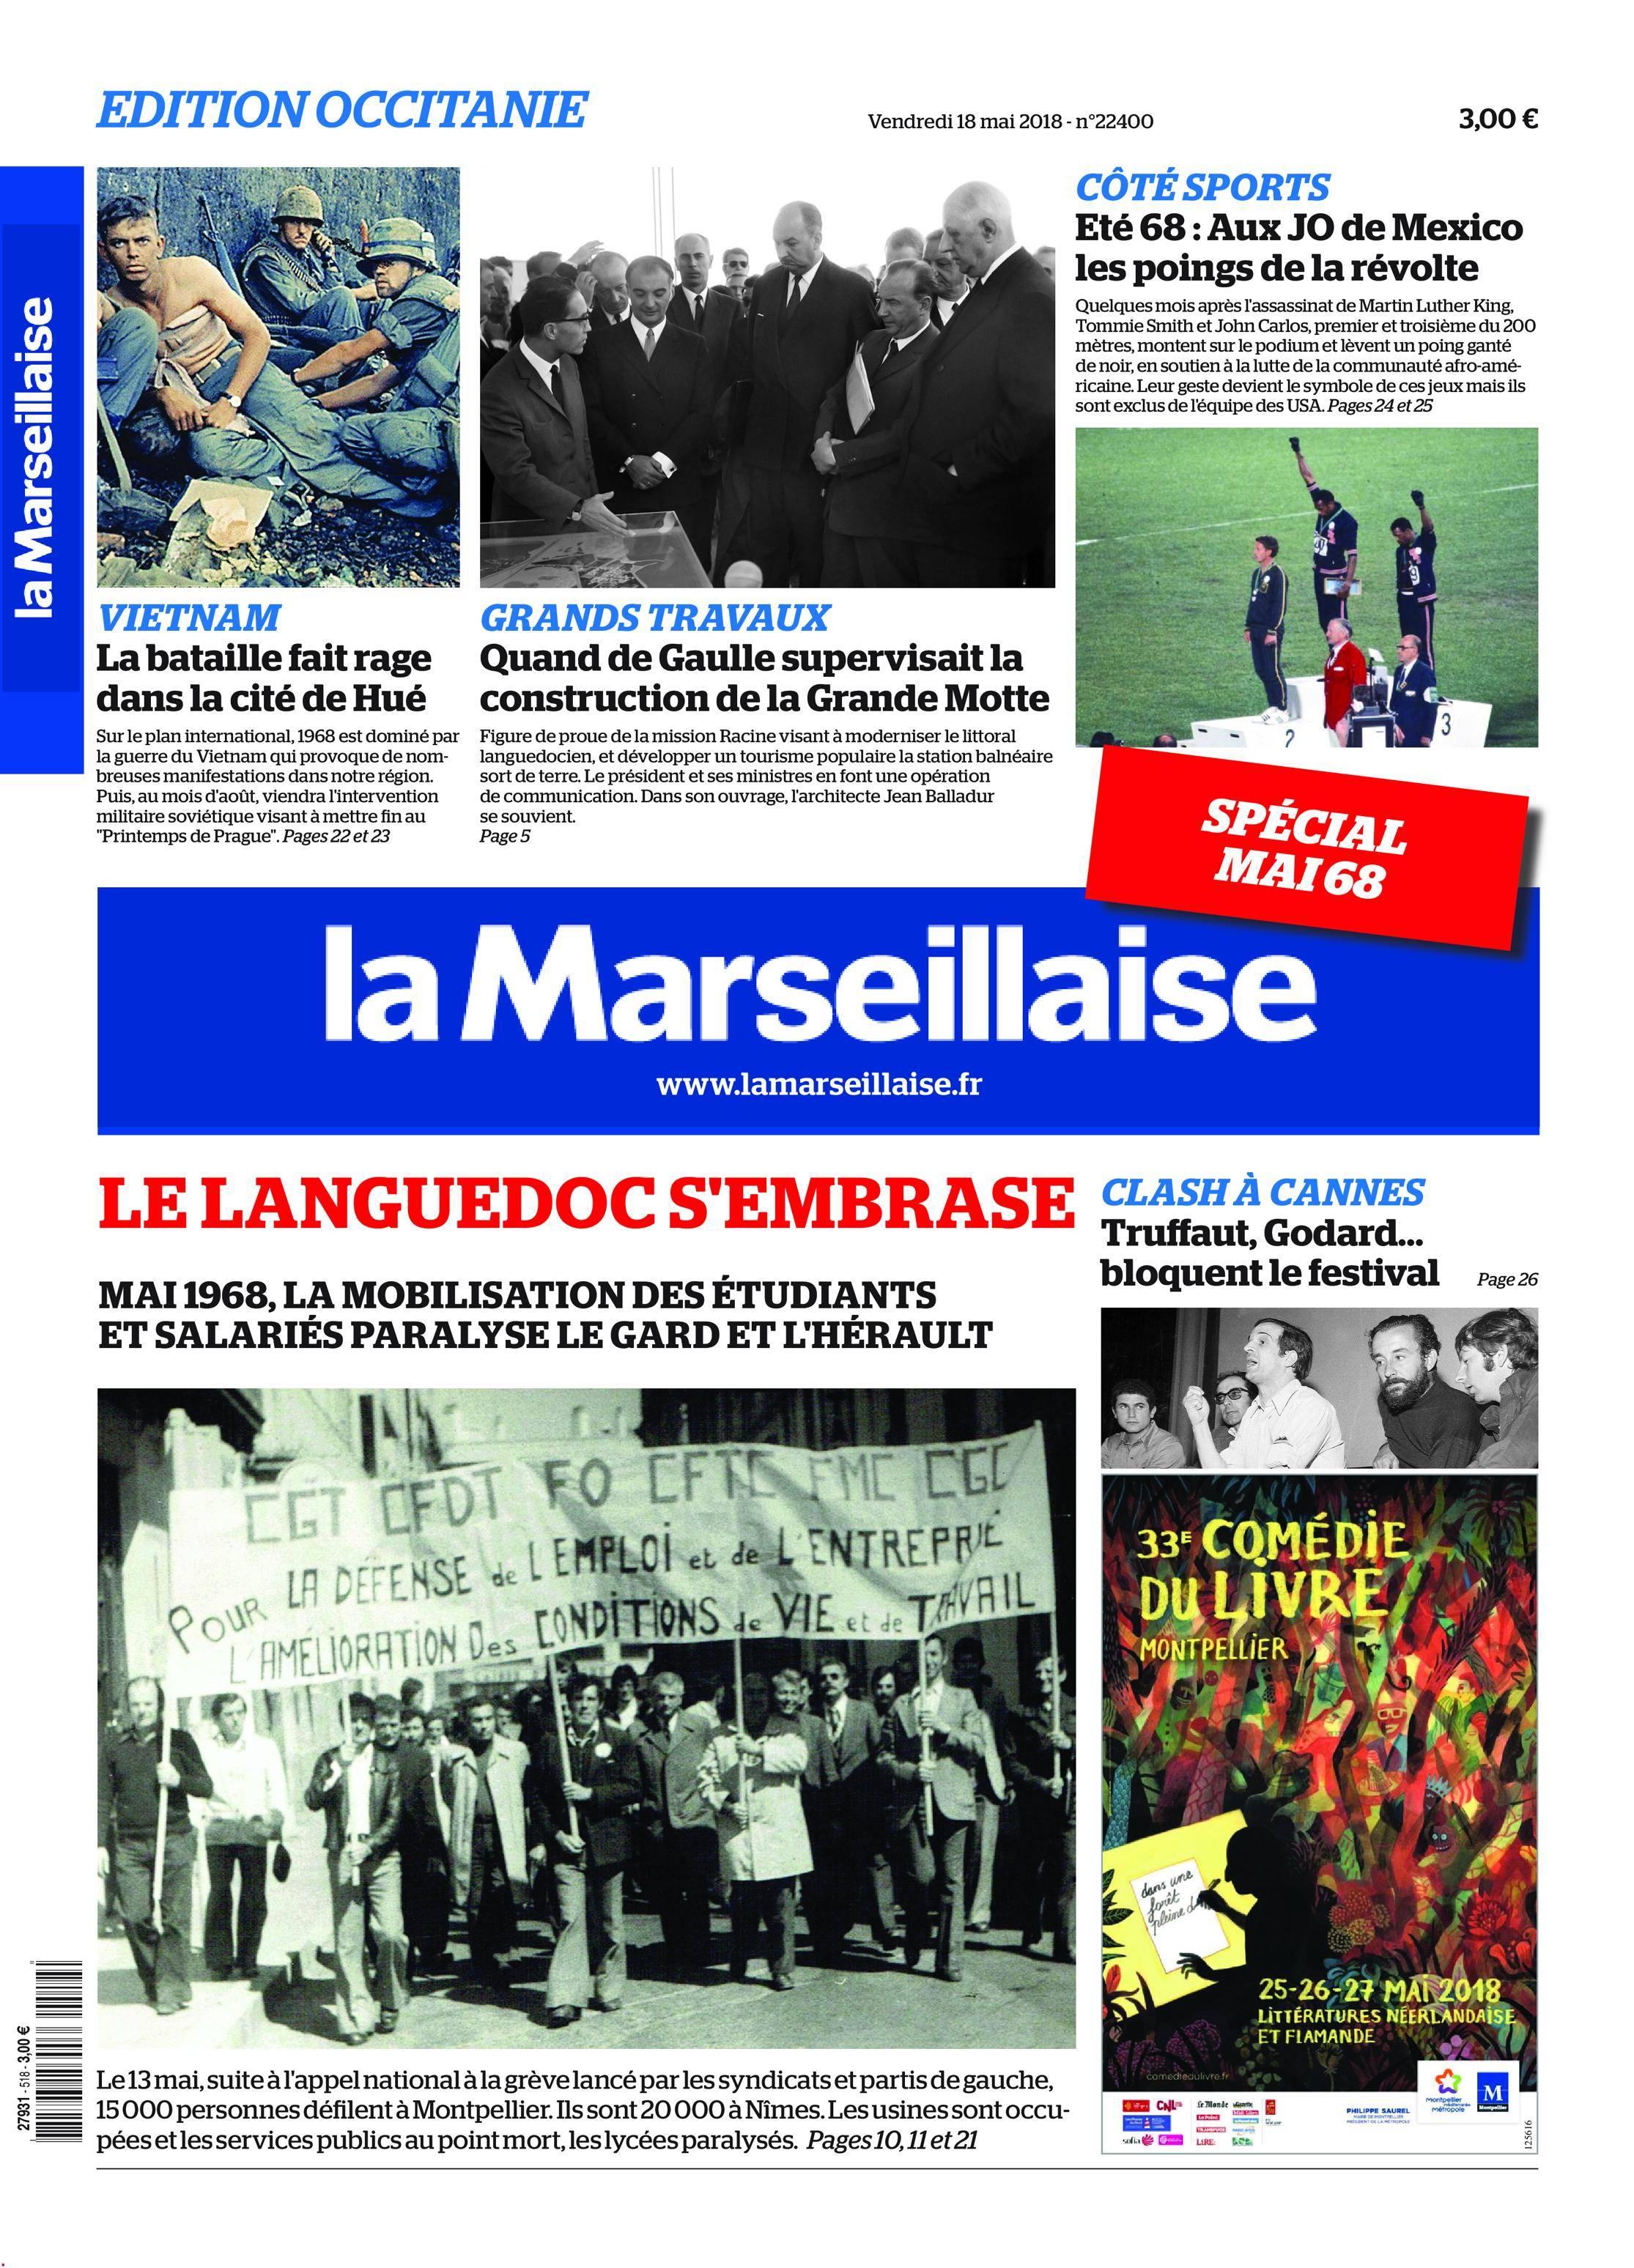 La Marseillaise du Languedoc - 18 mai 2018